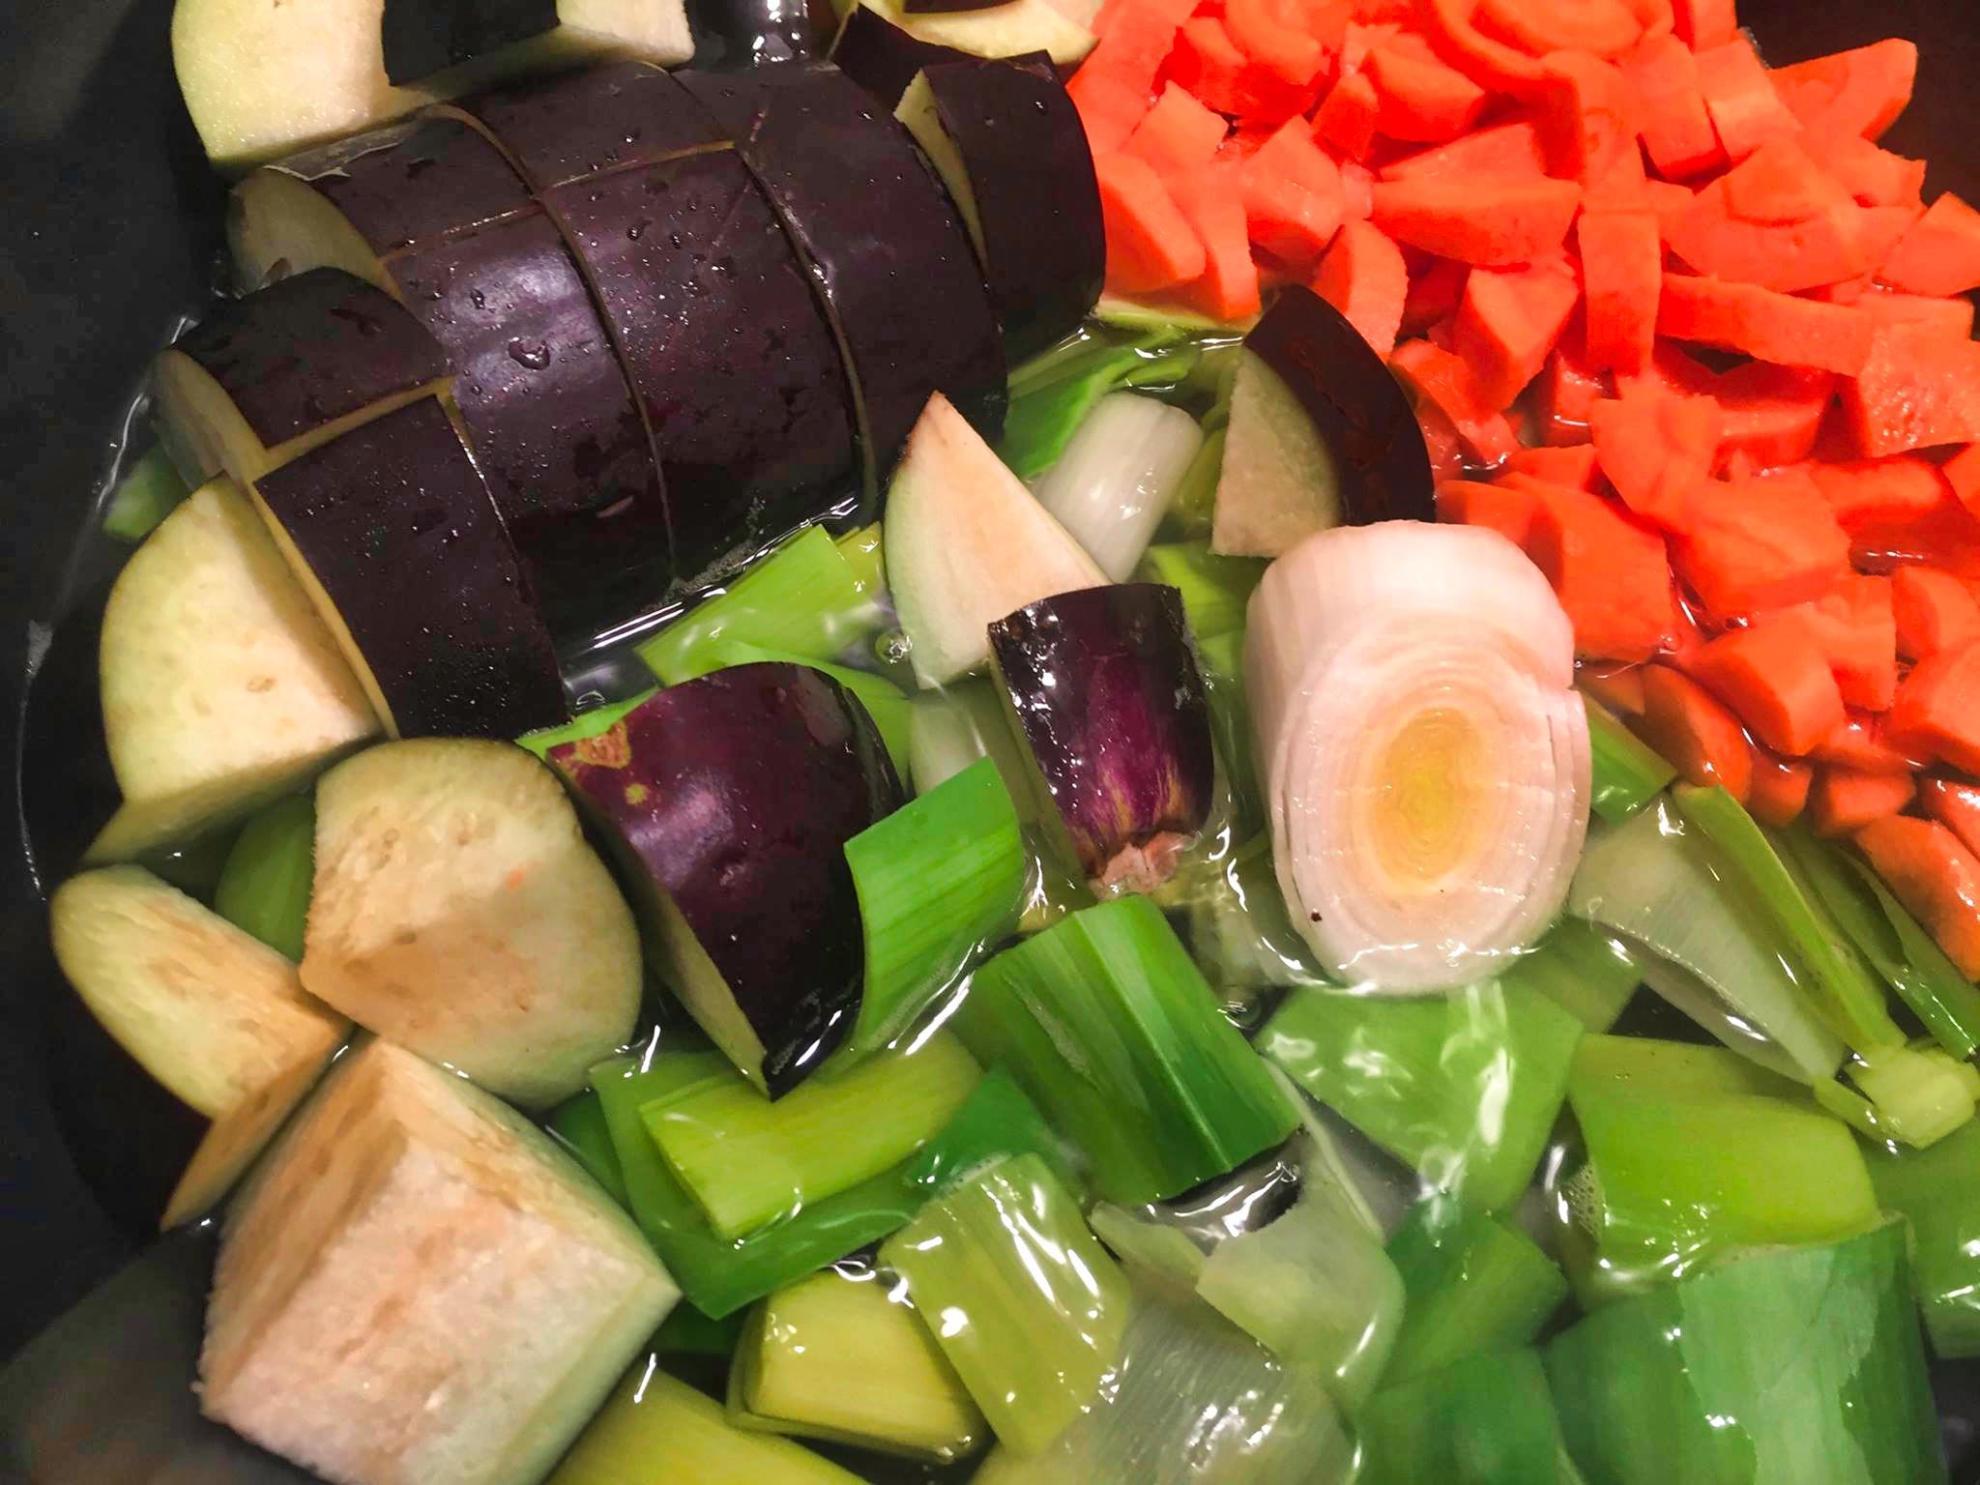 Баклажаны в томатном соусе и в компании сезонных овощей